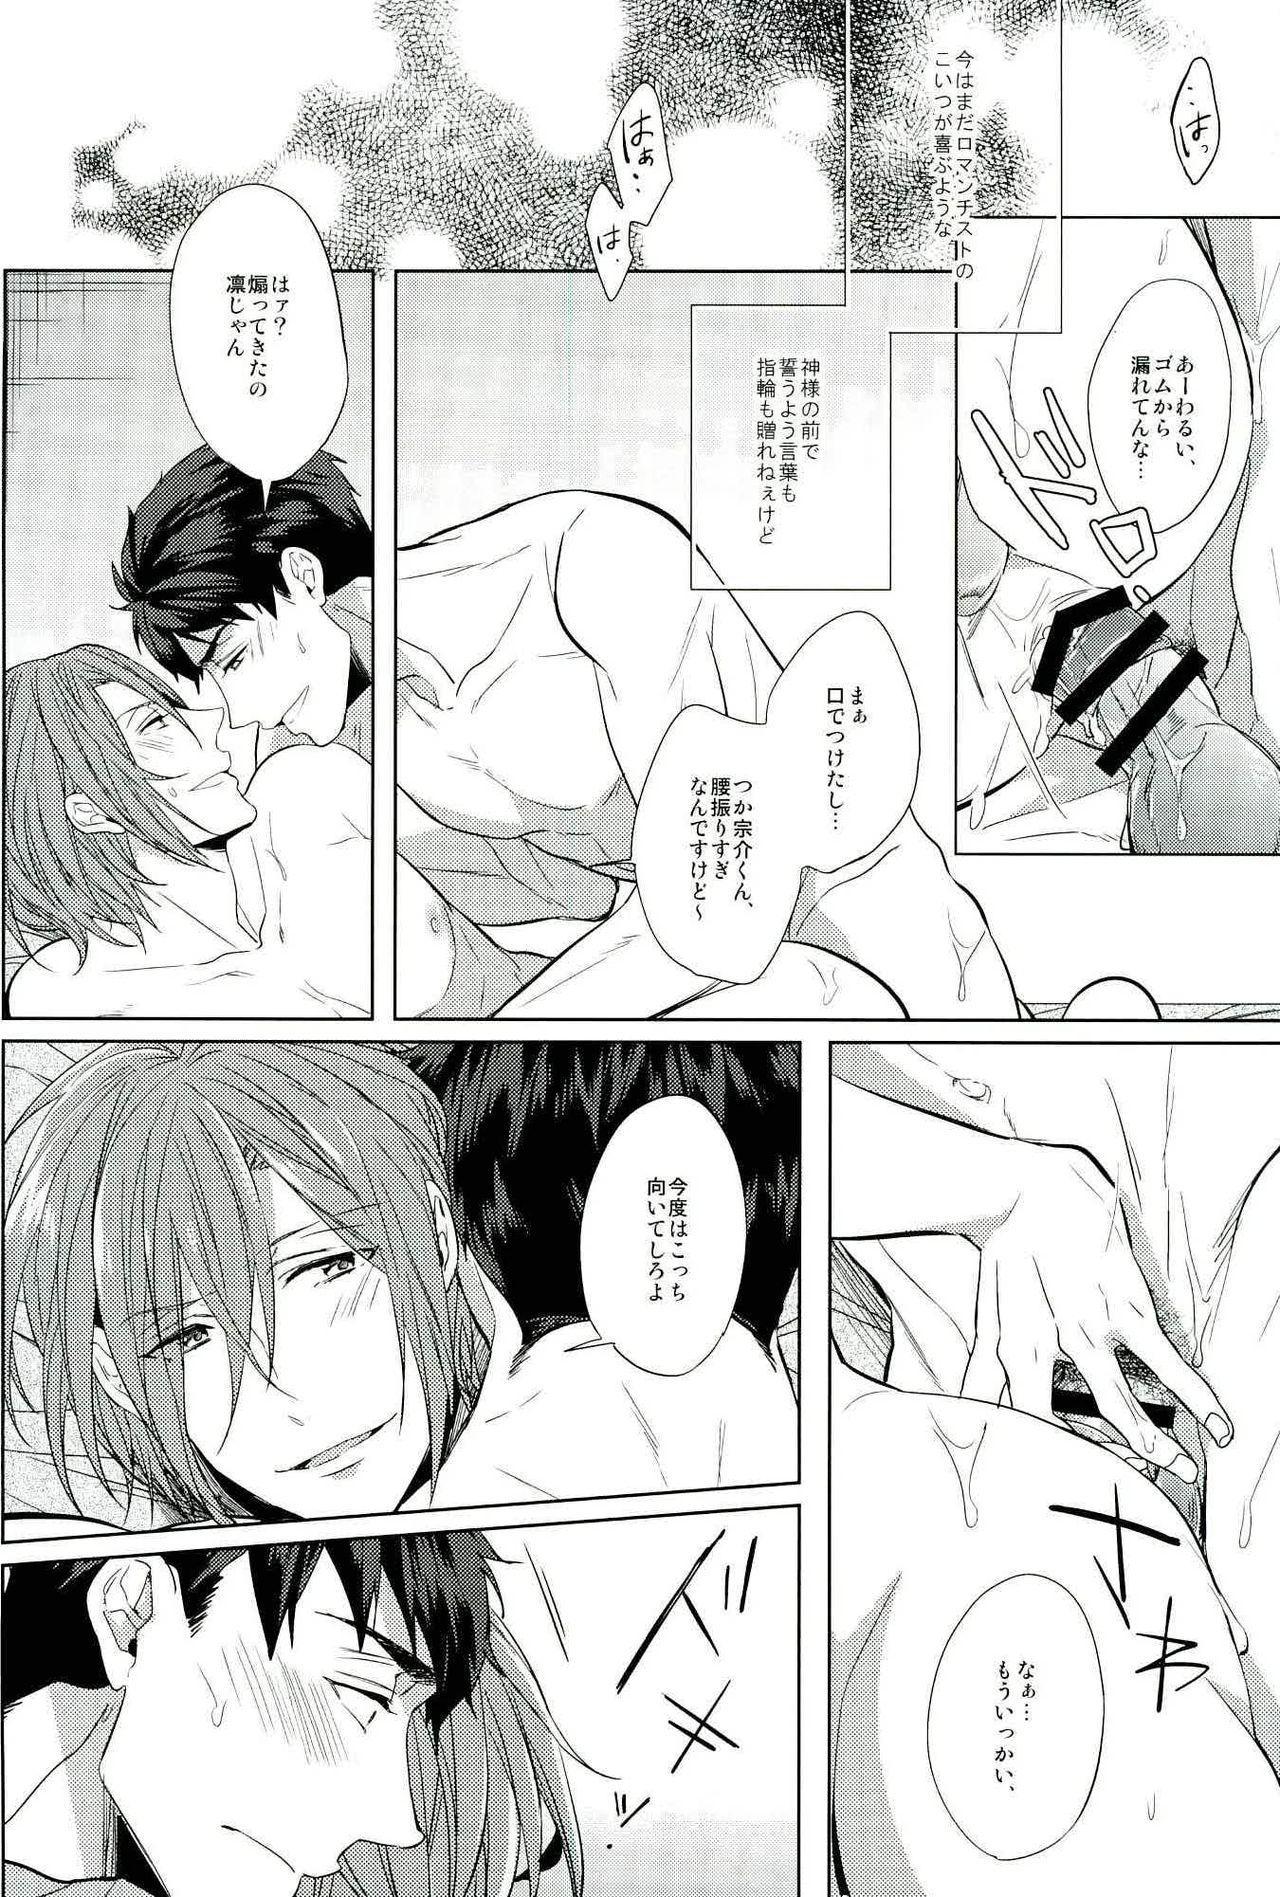 Hyakukaime no Kiss 14